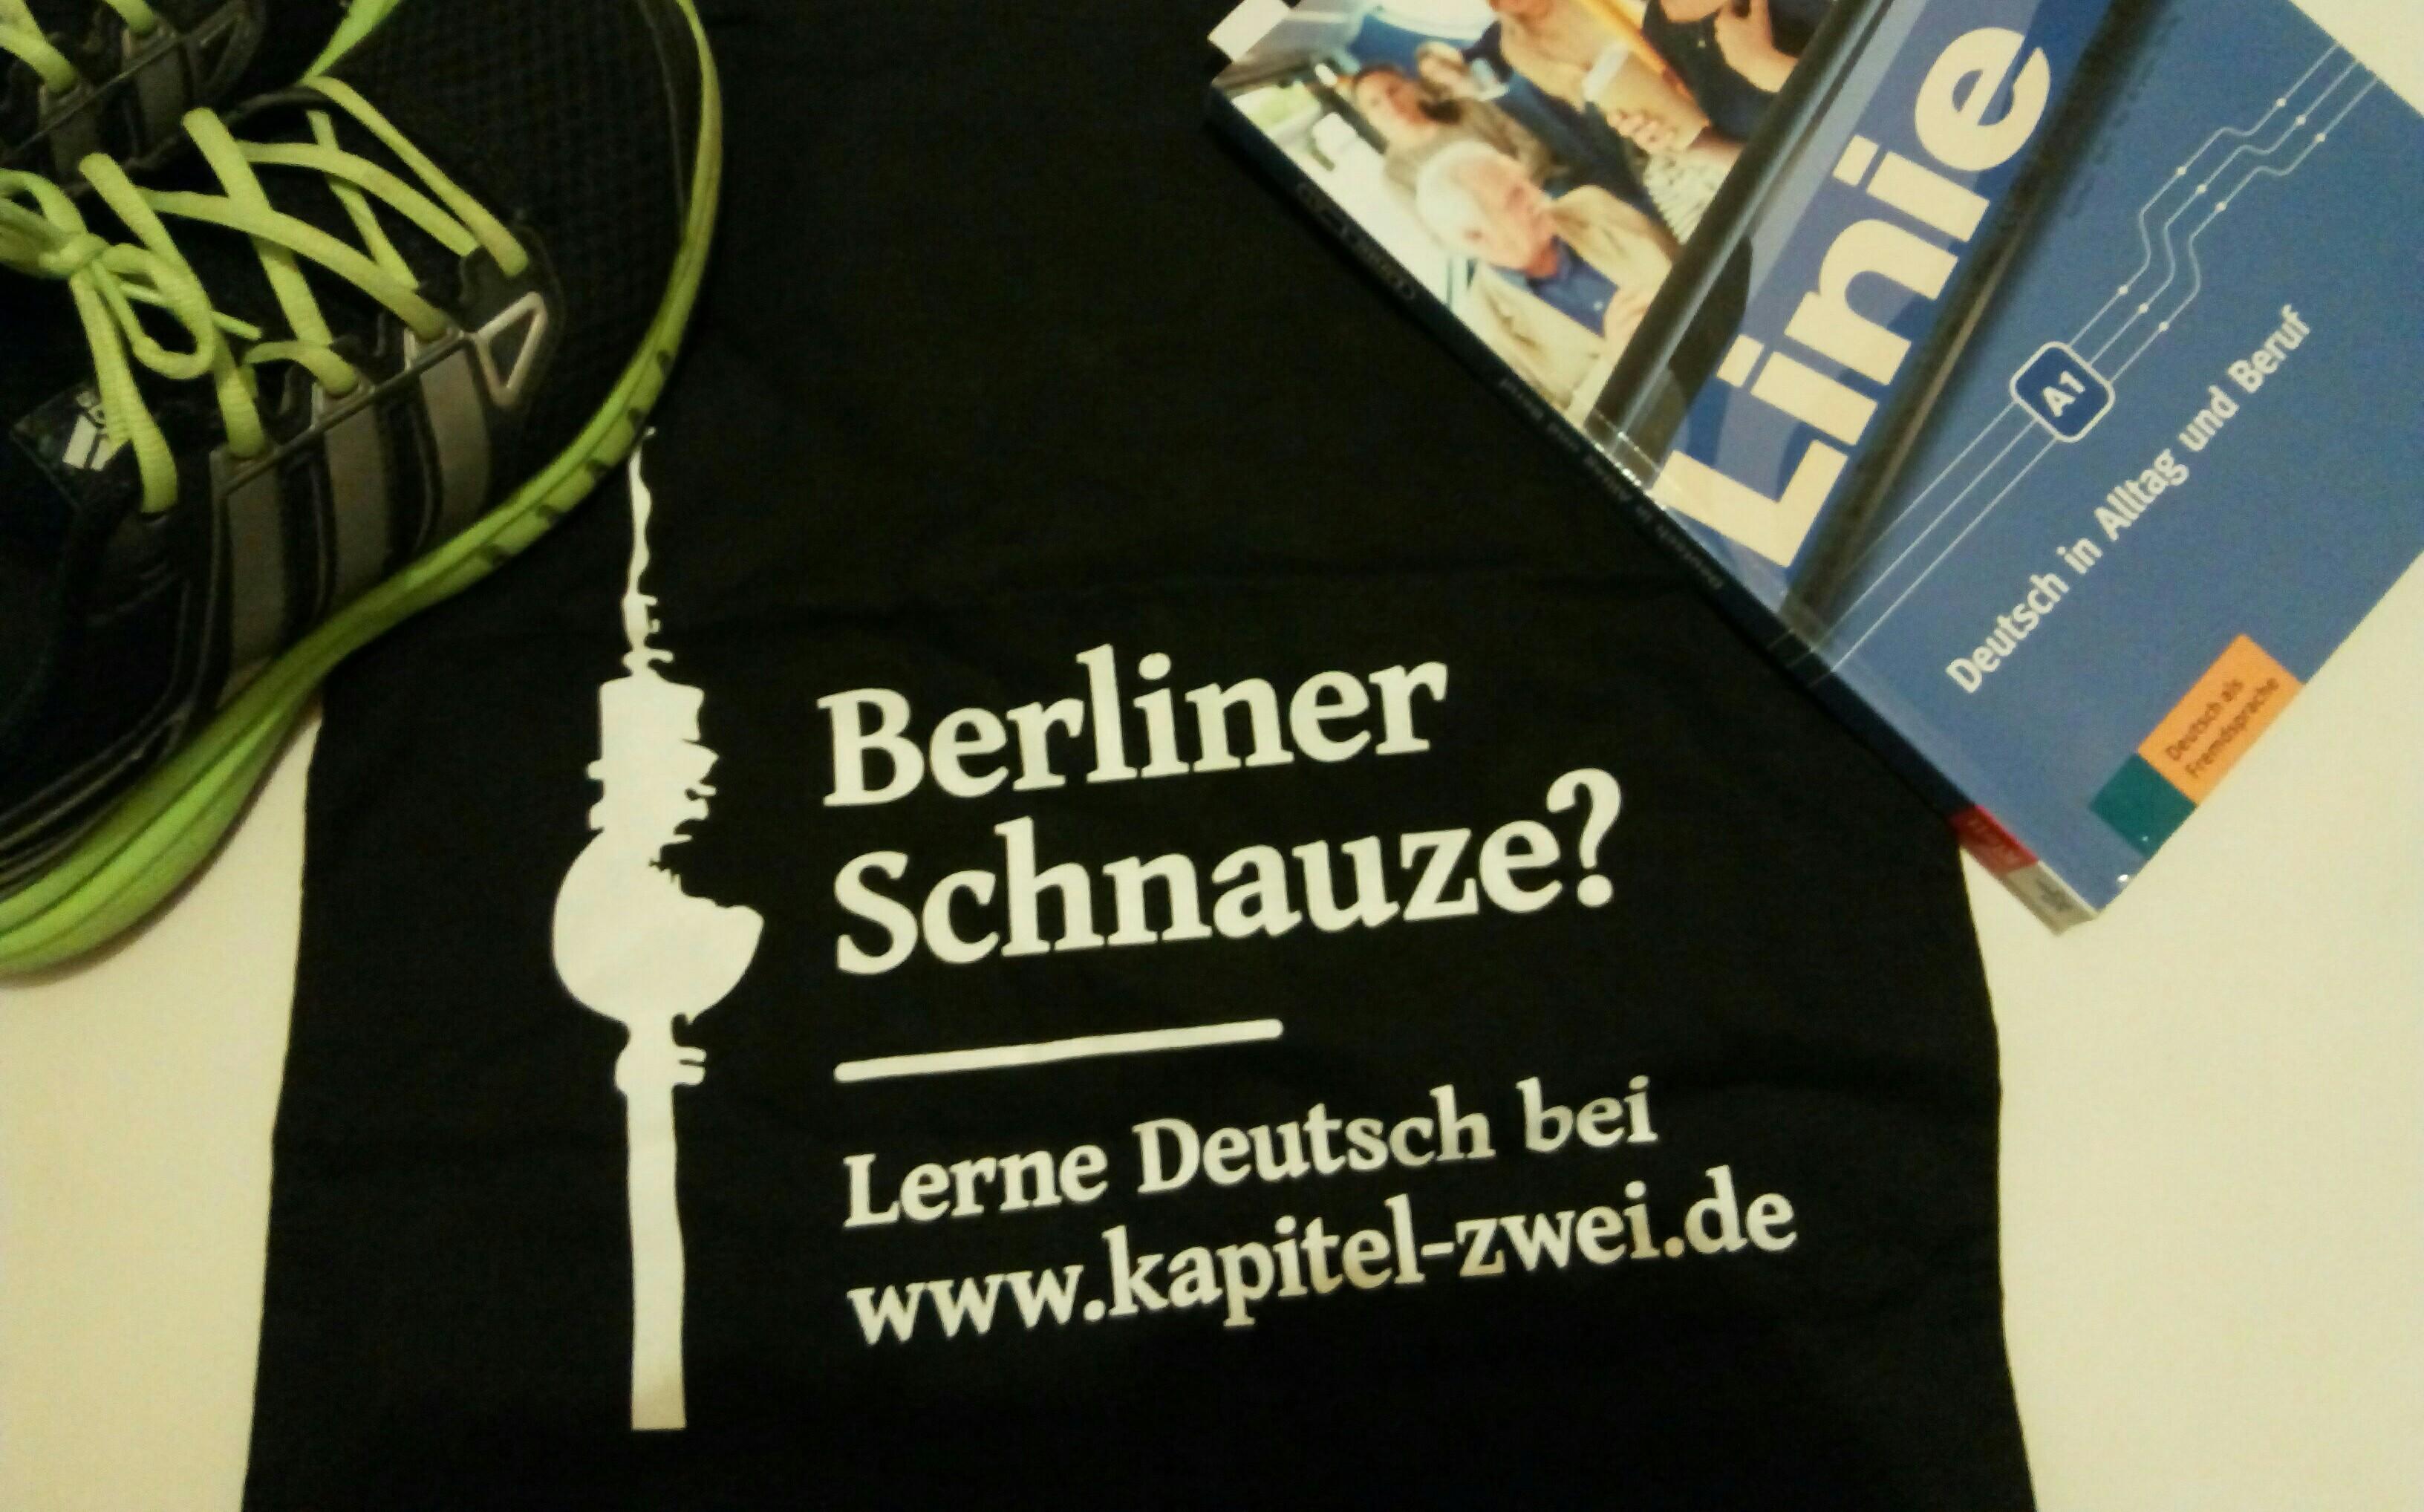 Para singles,padres con hijos, Relación seria de Alemania.